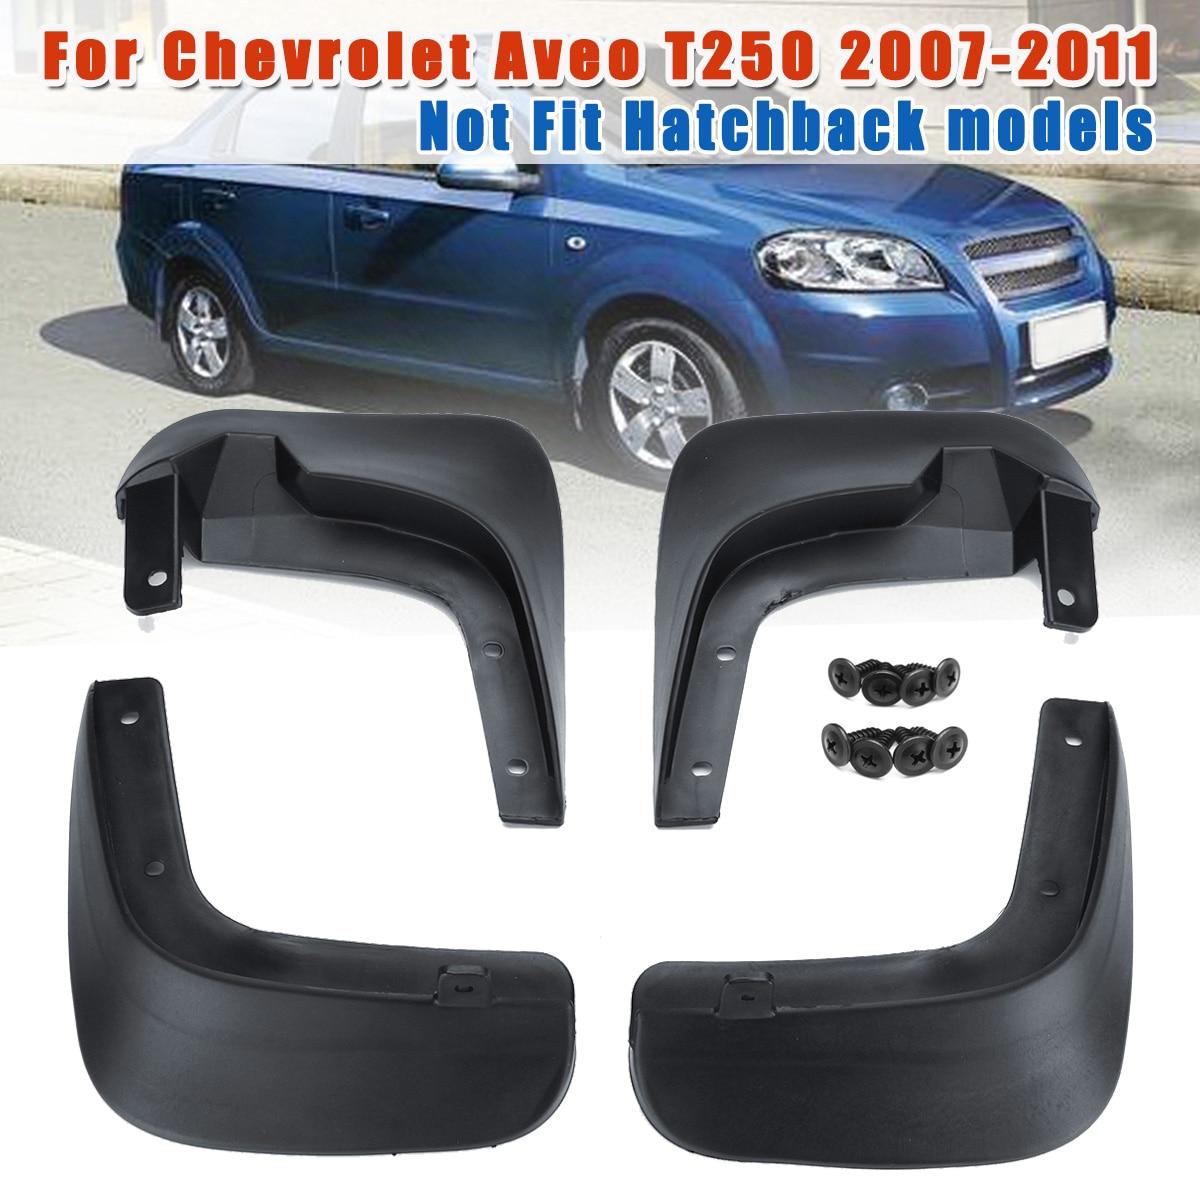 Für Chevrolet Aveo T250 2007 2008 2009 2010 2011 Auto Schlamm Flaps Vorne Hinten Kotflügel Flares Auto Schmutzfänger Kotflügel Splash schutz